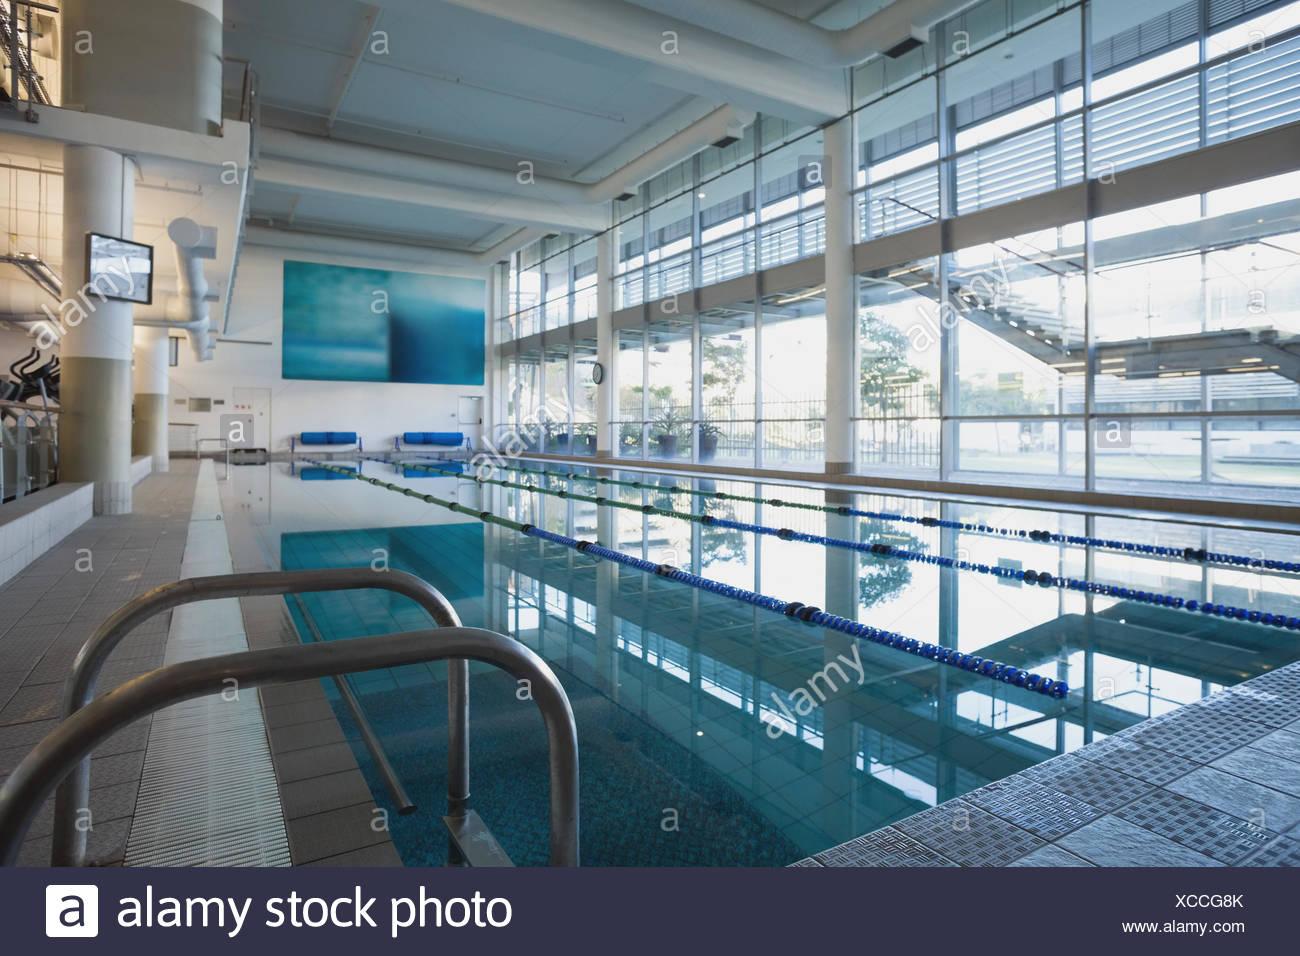 Svuotare la piscina con grandi finestre Immagini Stock